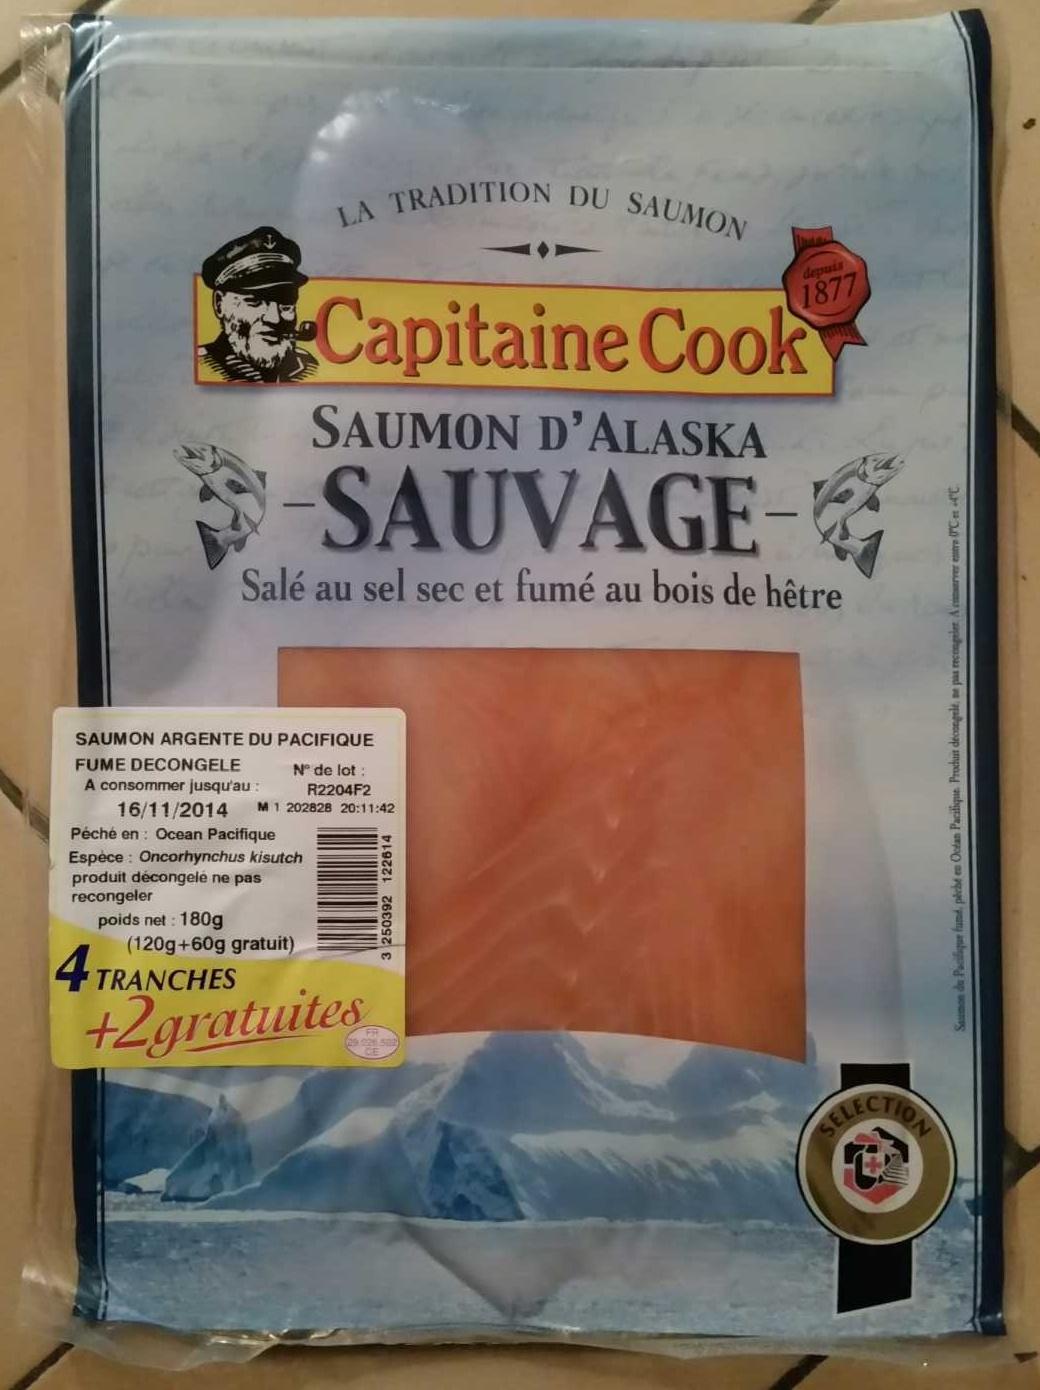 Saumon d 39 alaska sauvage capitaine cook 180 g 120g 60g - Prix du saumon ...